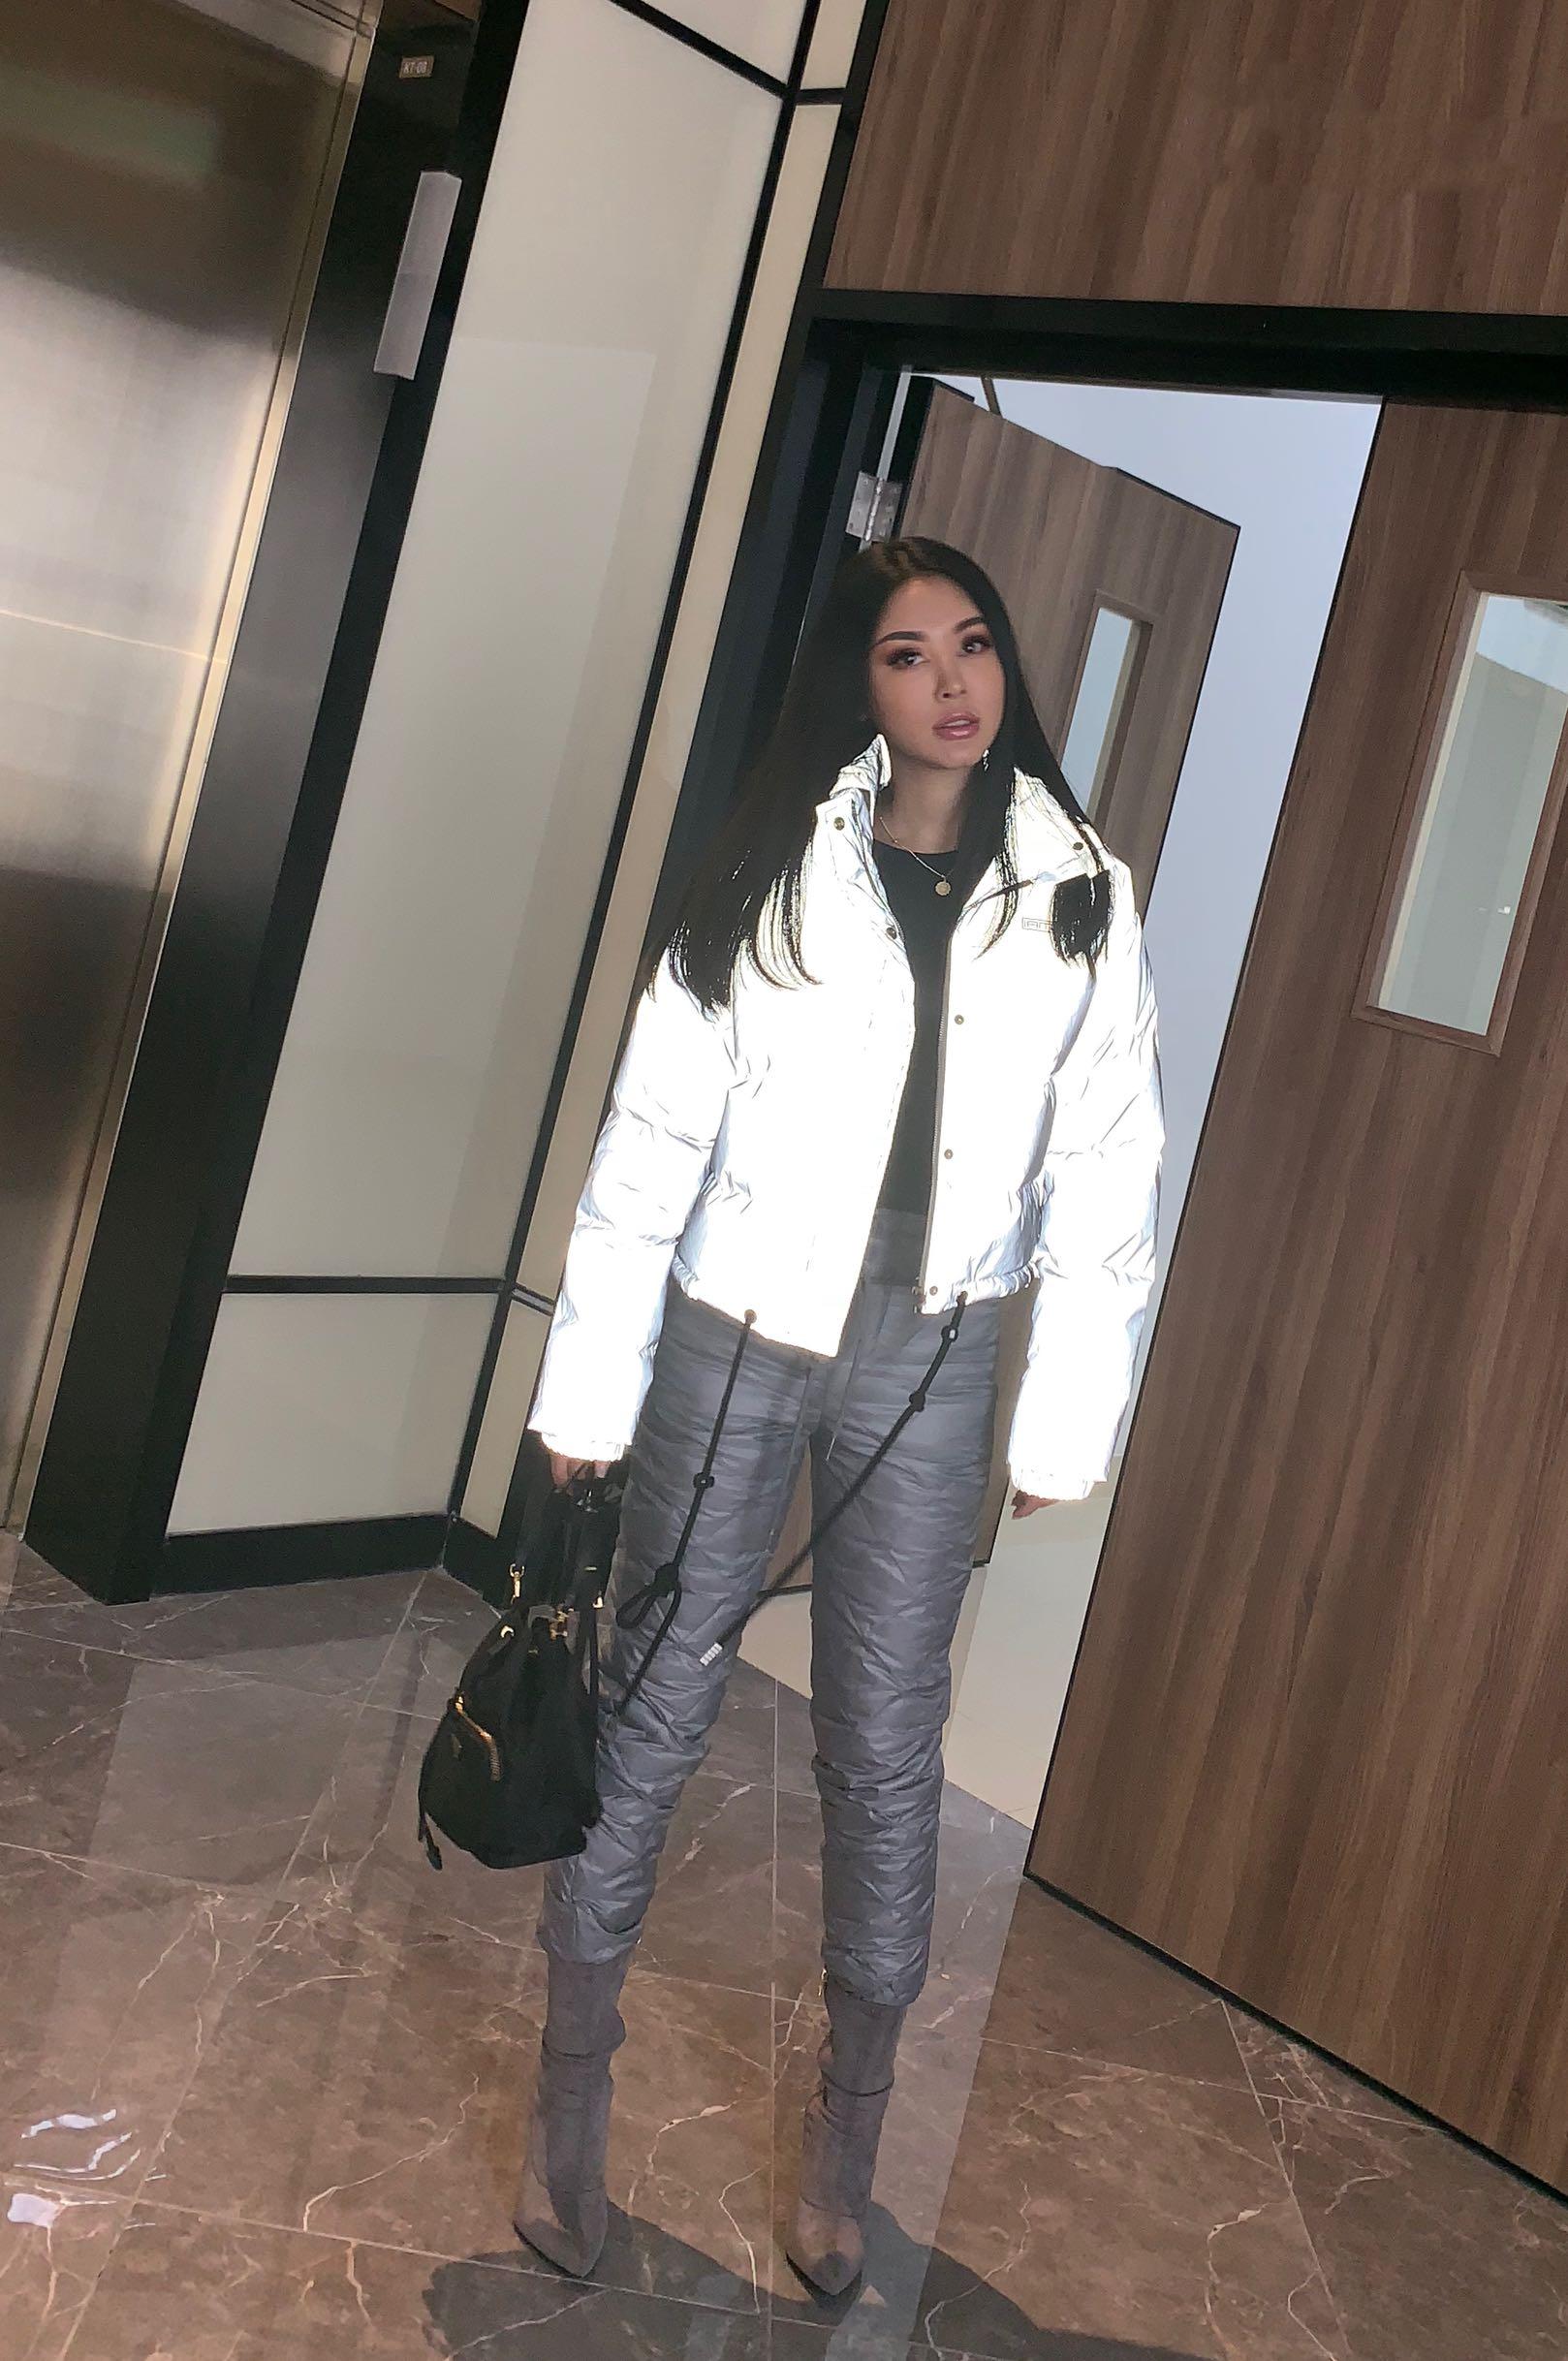 2018 Top Survêtement Pantalons Le Chaleur Limitée Et Femmes Pantalon Épais Mince Duvet Rue La Hiver De Glissière Europe Gris Coton Temps Canard Dans WwYqw85r